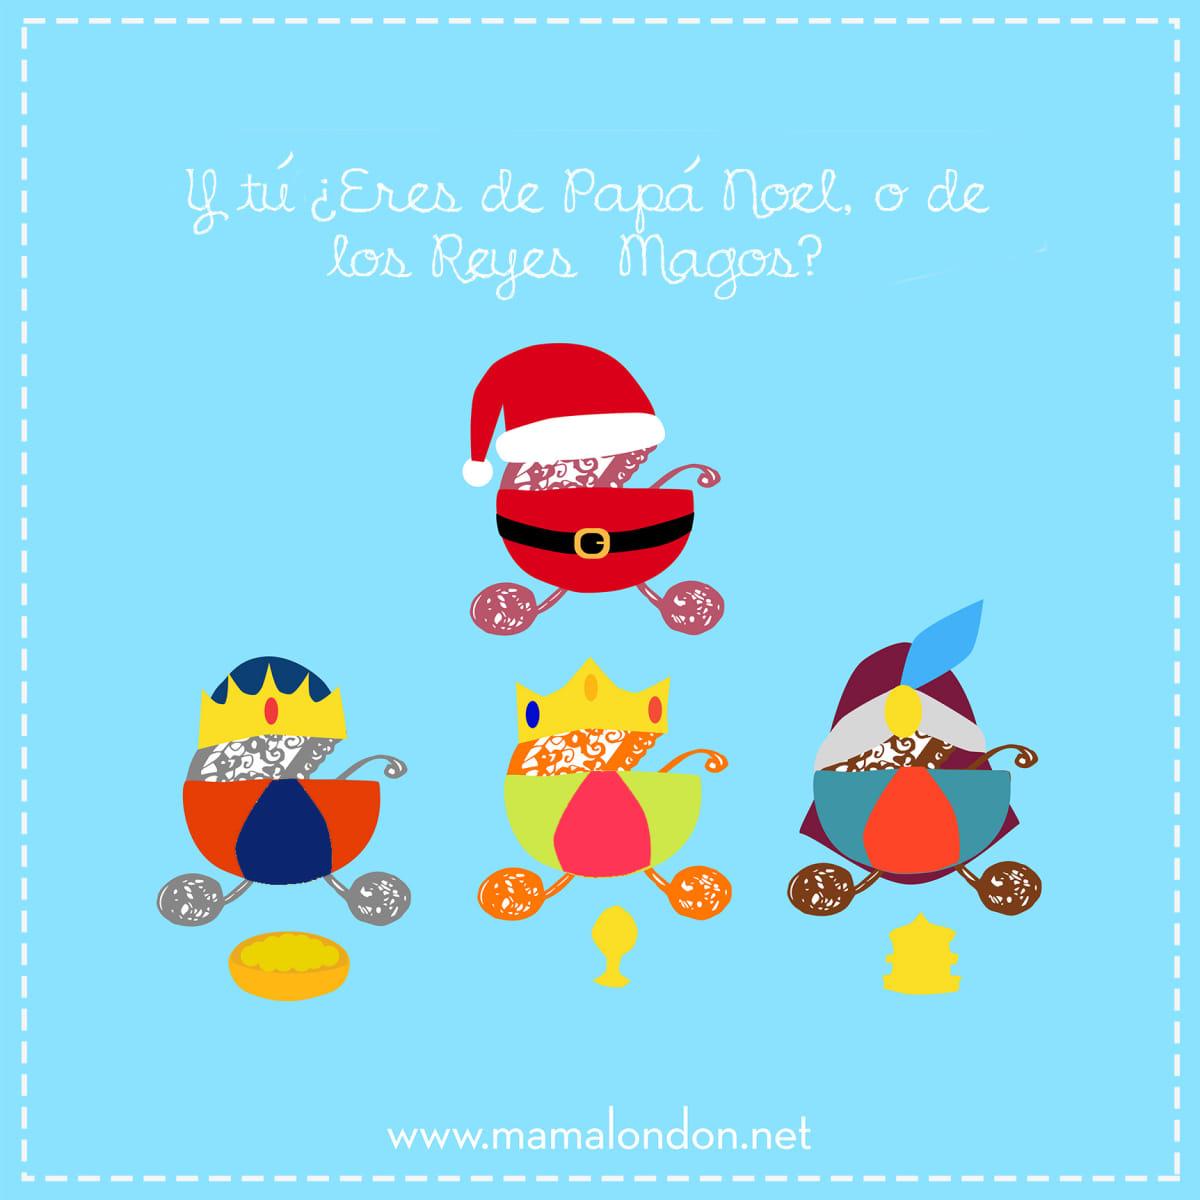 Fotos Papa Noel Reyes Magos.Y Tu Eres De Papa Noel O De Los Reyes Magos Domestika